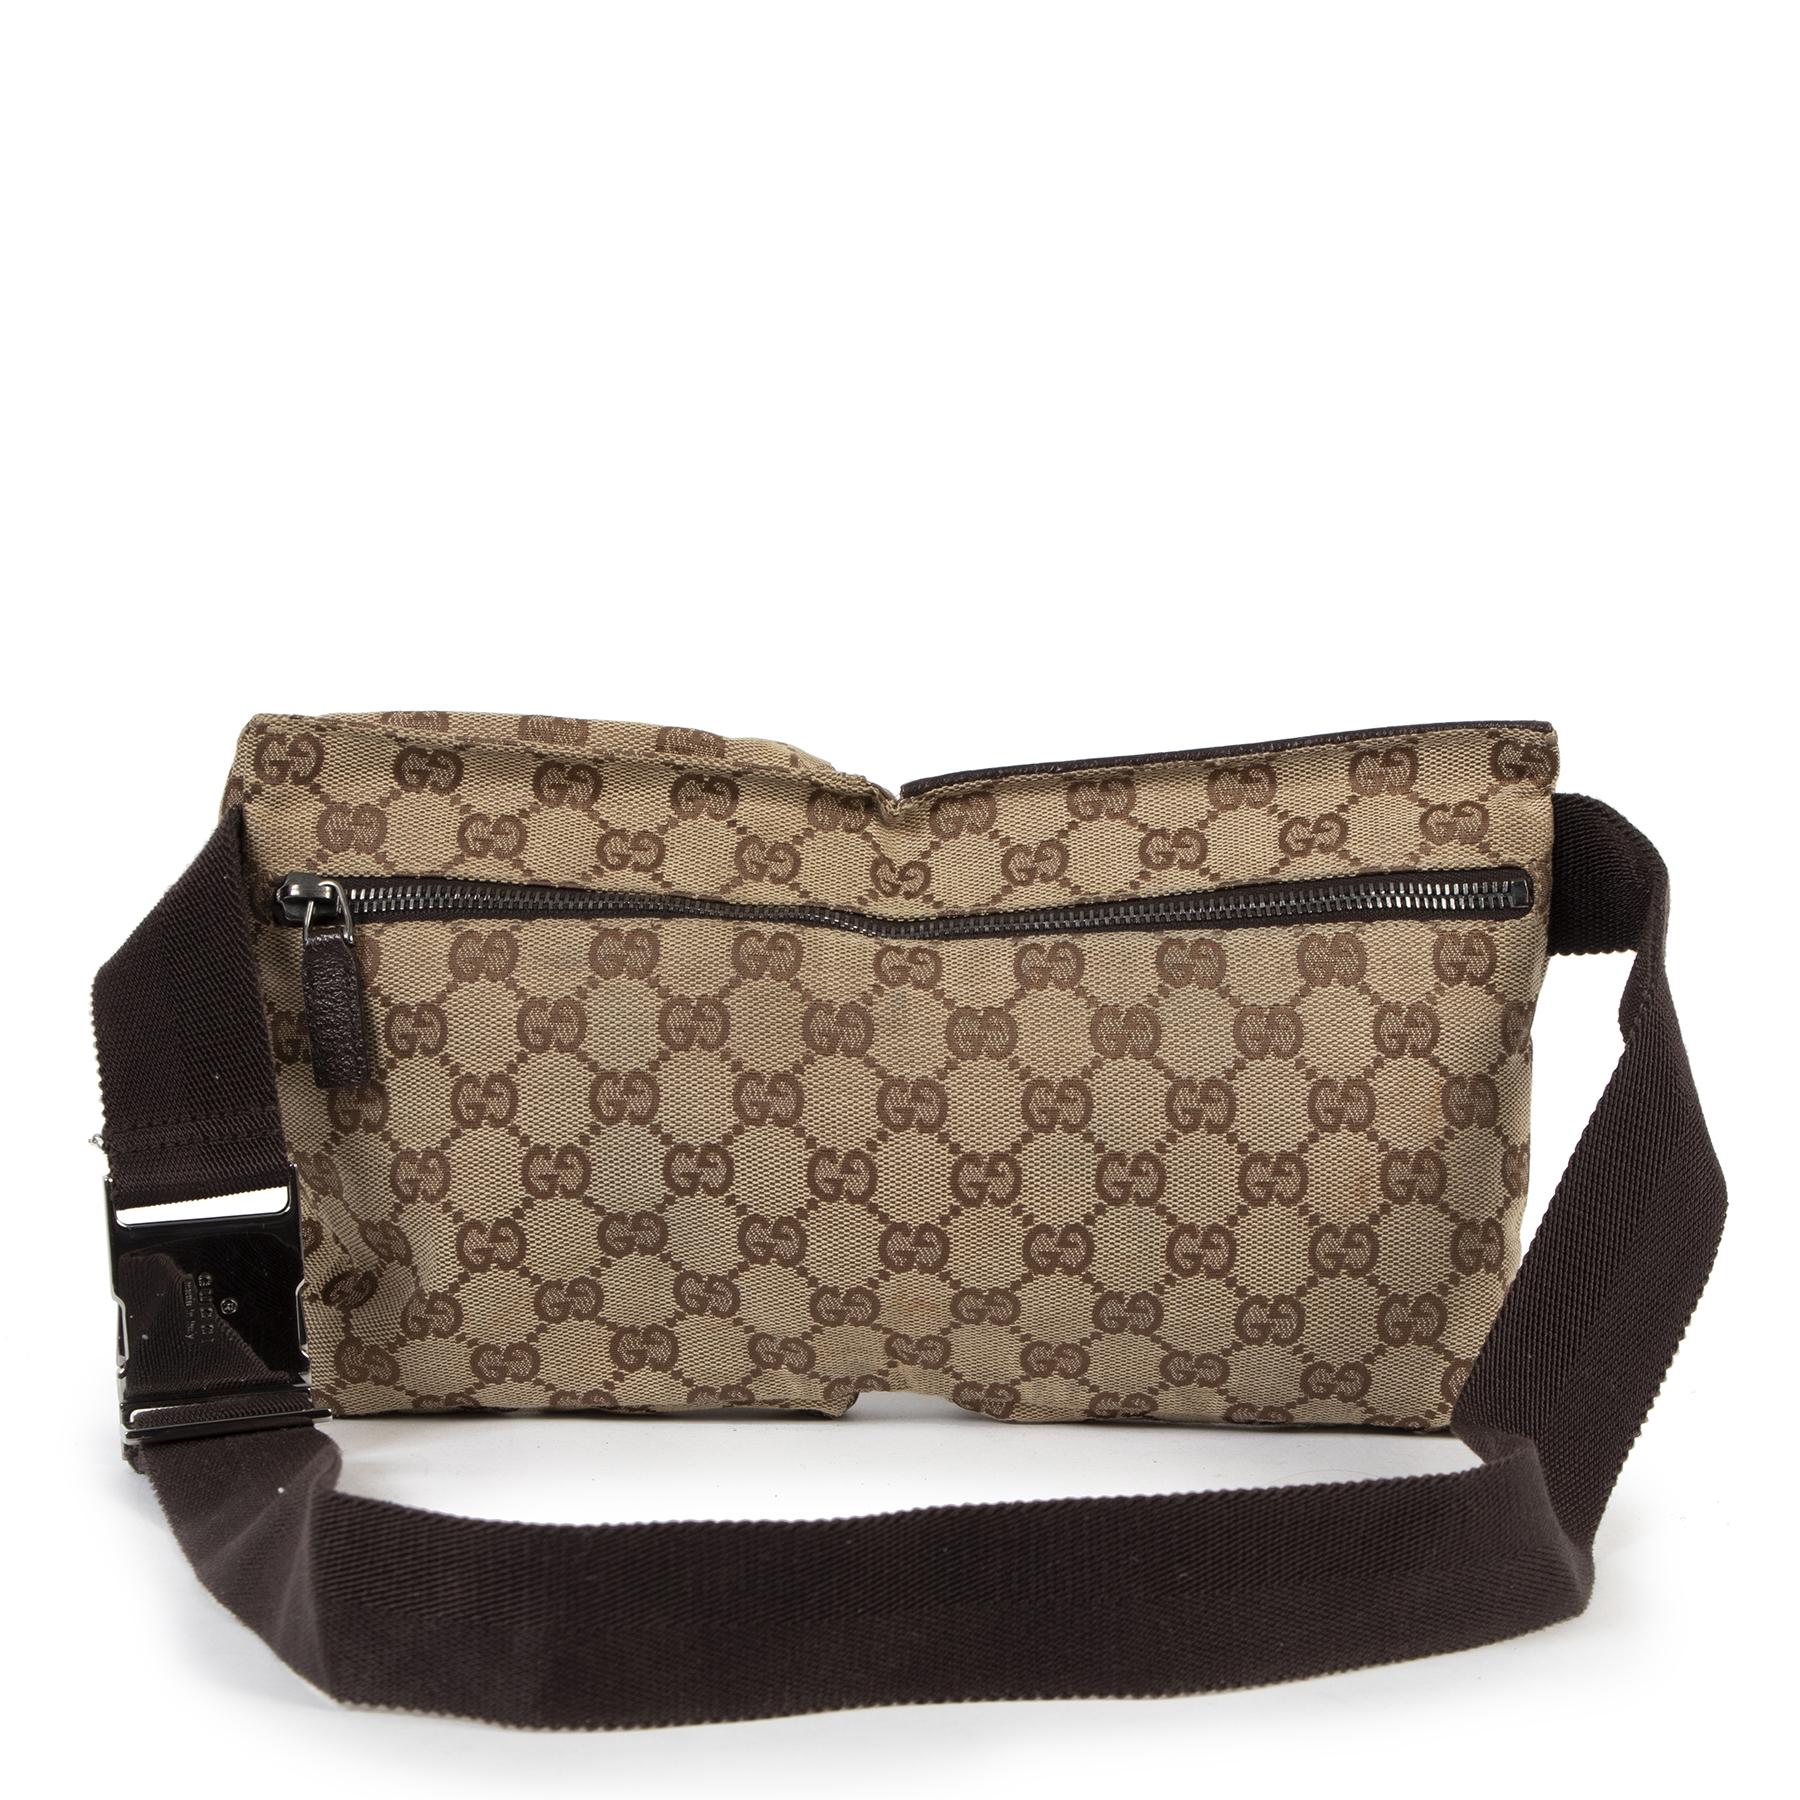 Authentieke Tweedehands Gucci Beige Monogram Pattern Supreme Belt Bag juiste prijs veilig online shoppen luxe merken webshop winkelen Antwerpen België mode fashion